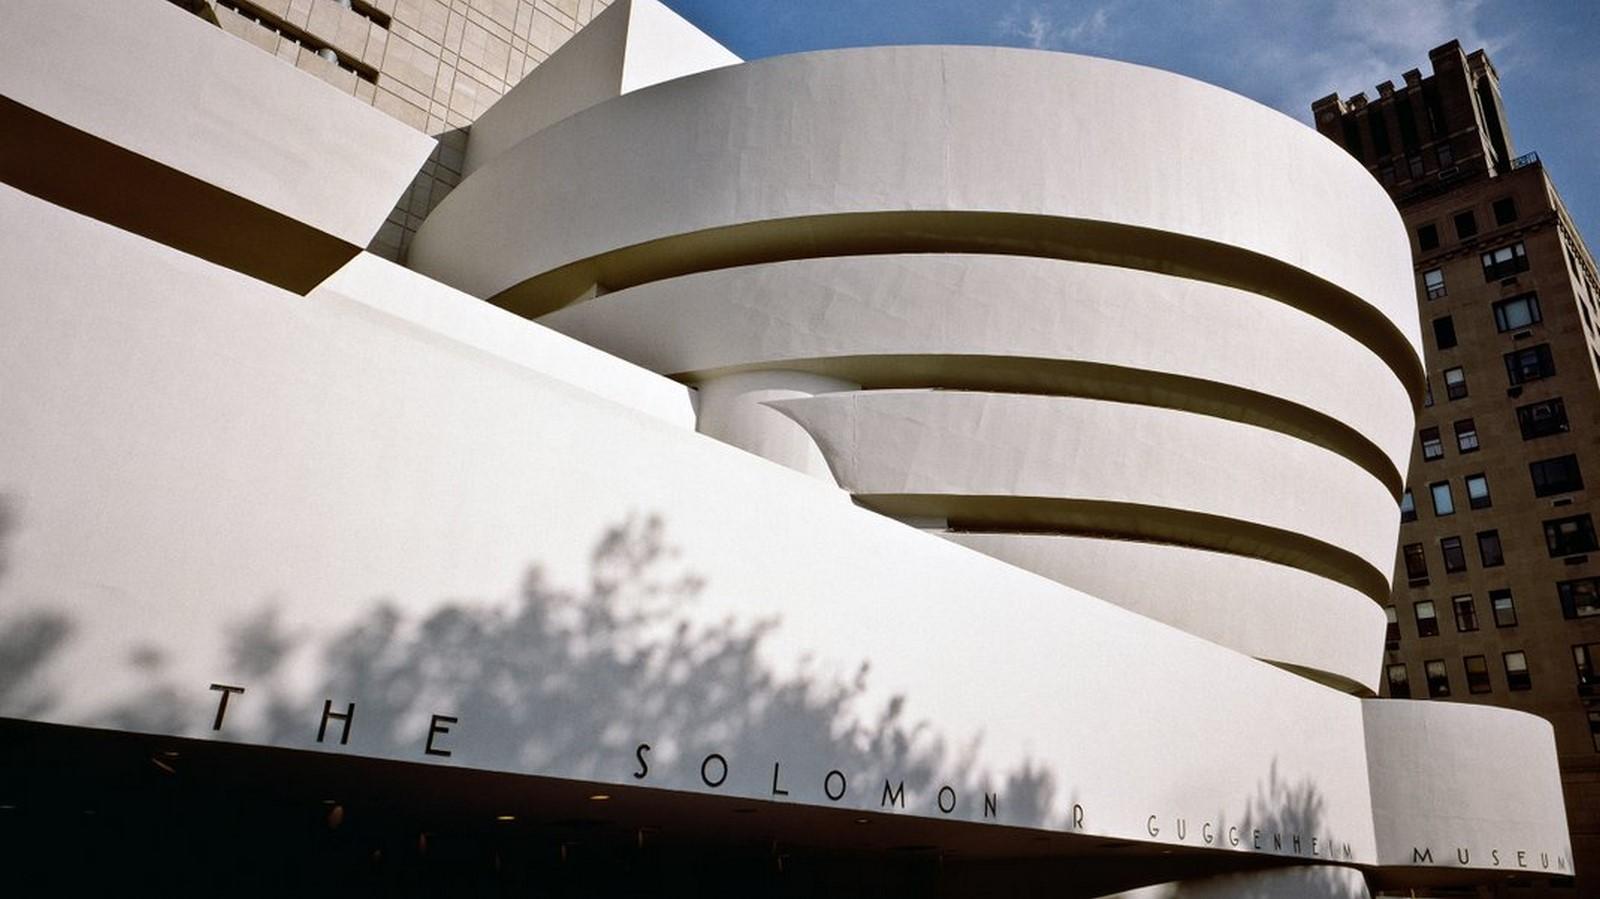 Guggenheim Museum, New York: - Sheet1